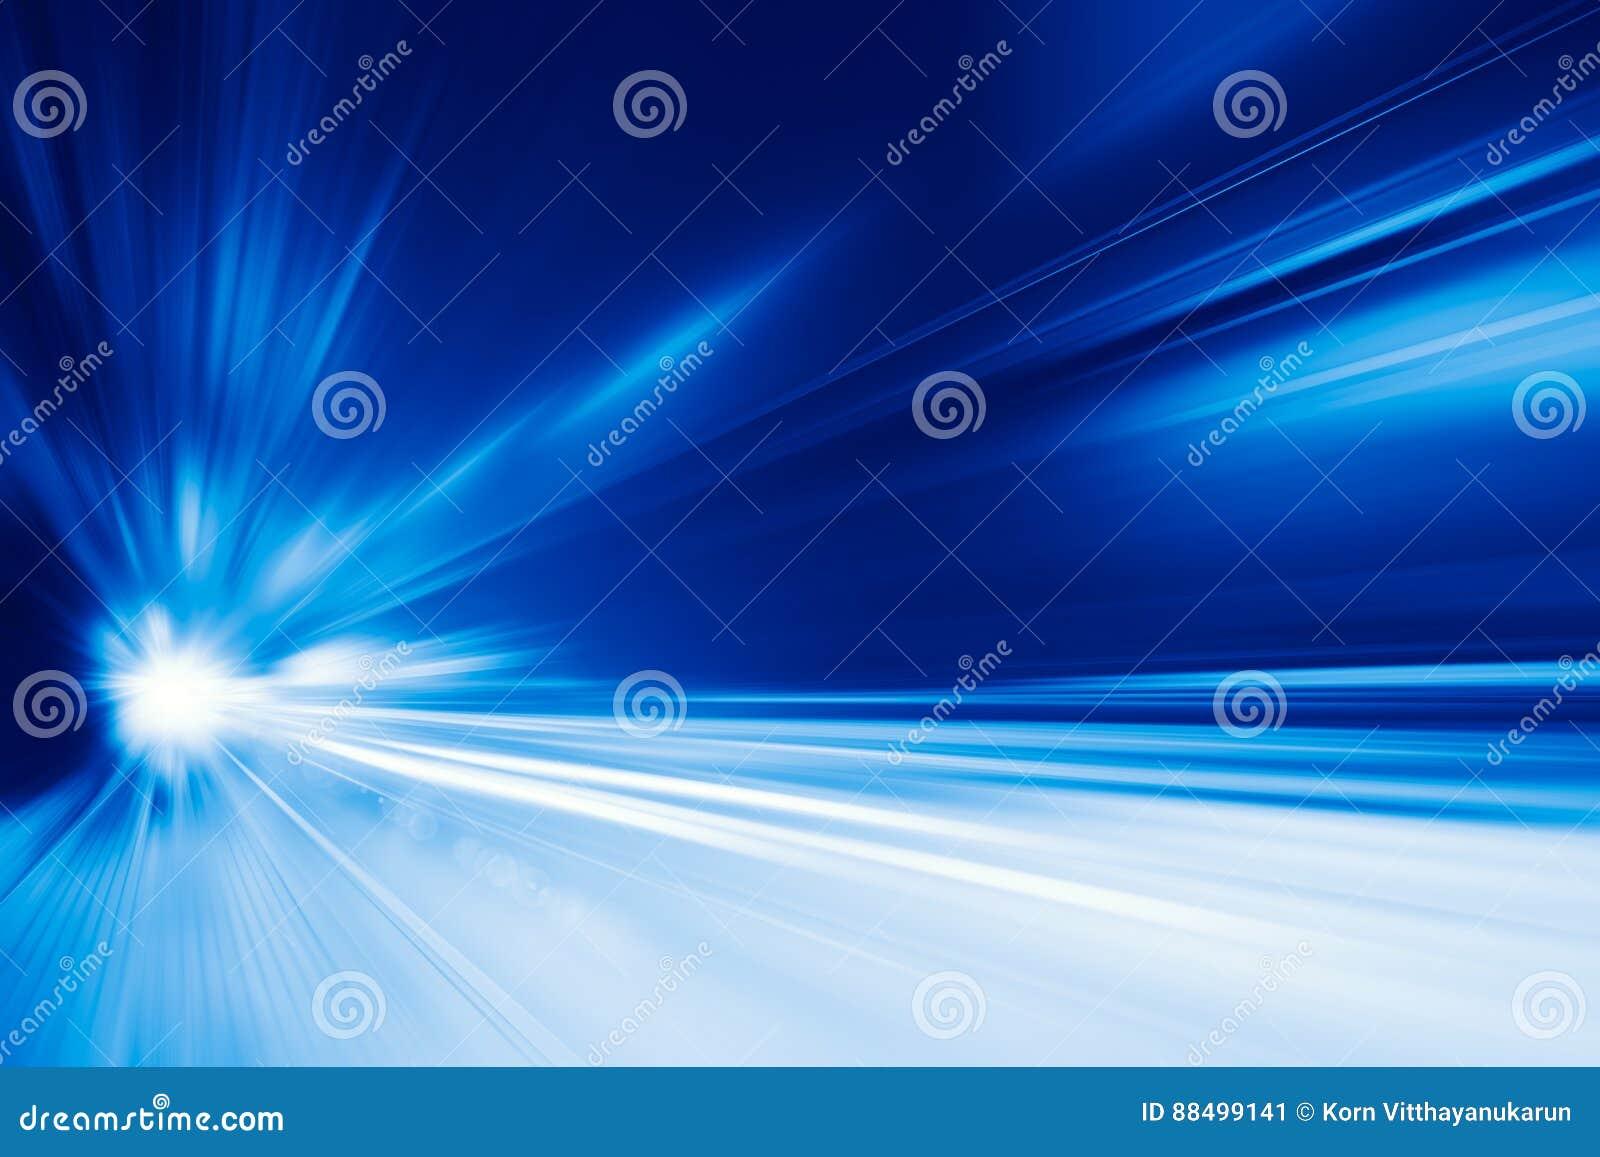 Concepto de alta velocidad del negocio y de la tecnología, falta de definición de movimiento rápida estupenda de la impulsión del